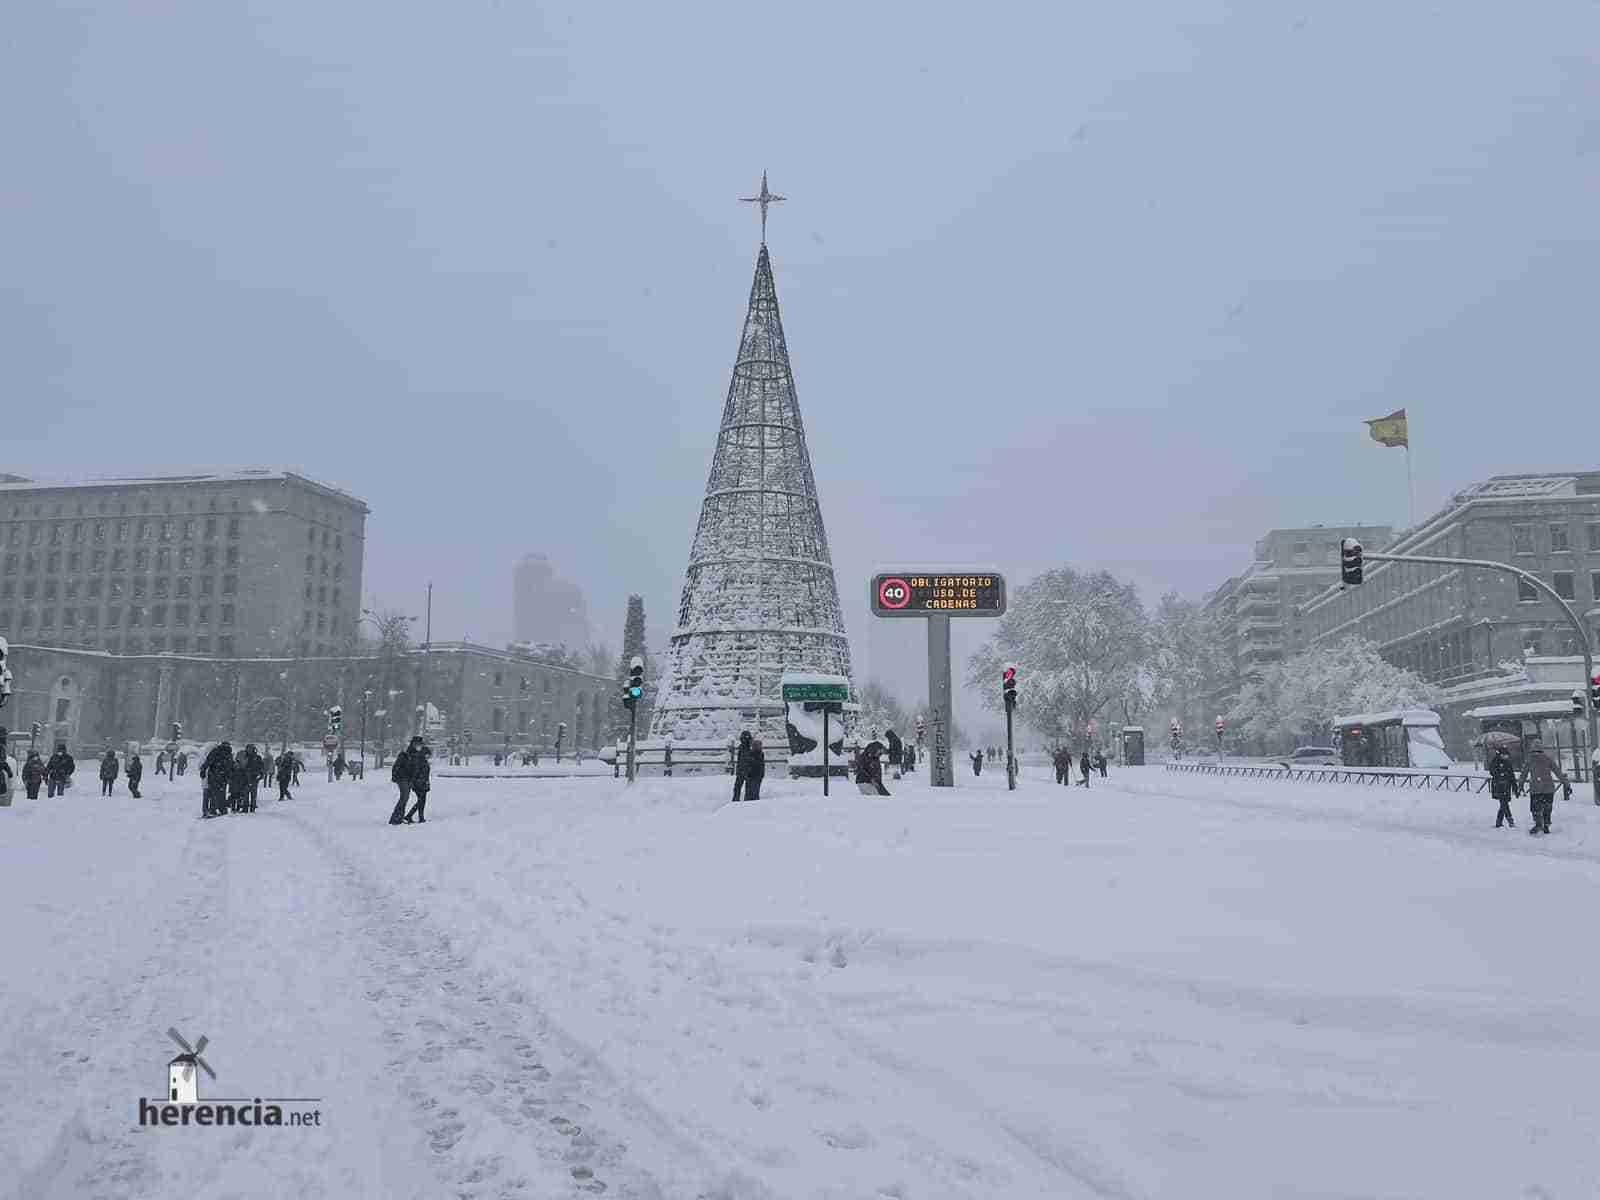 Fotografías de la nevada de enero en Madrid (España) 136